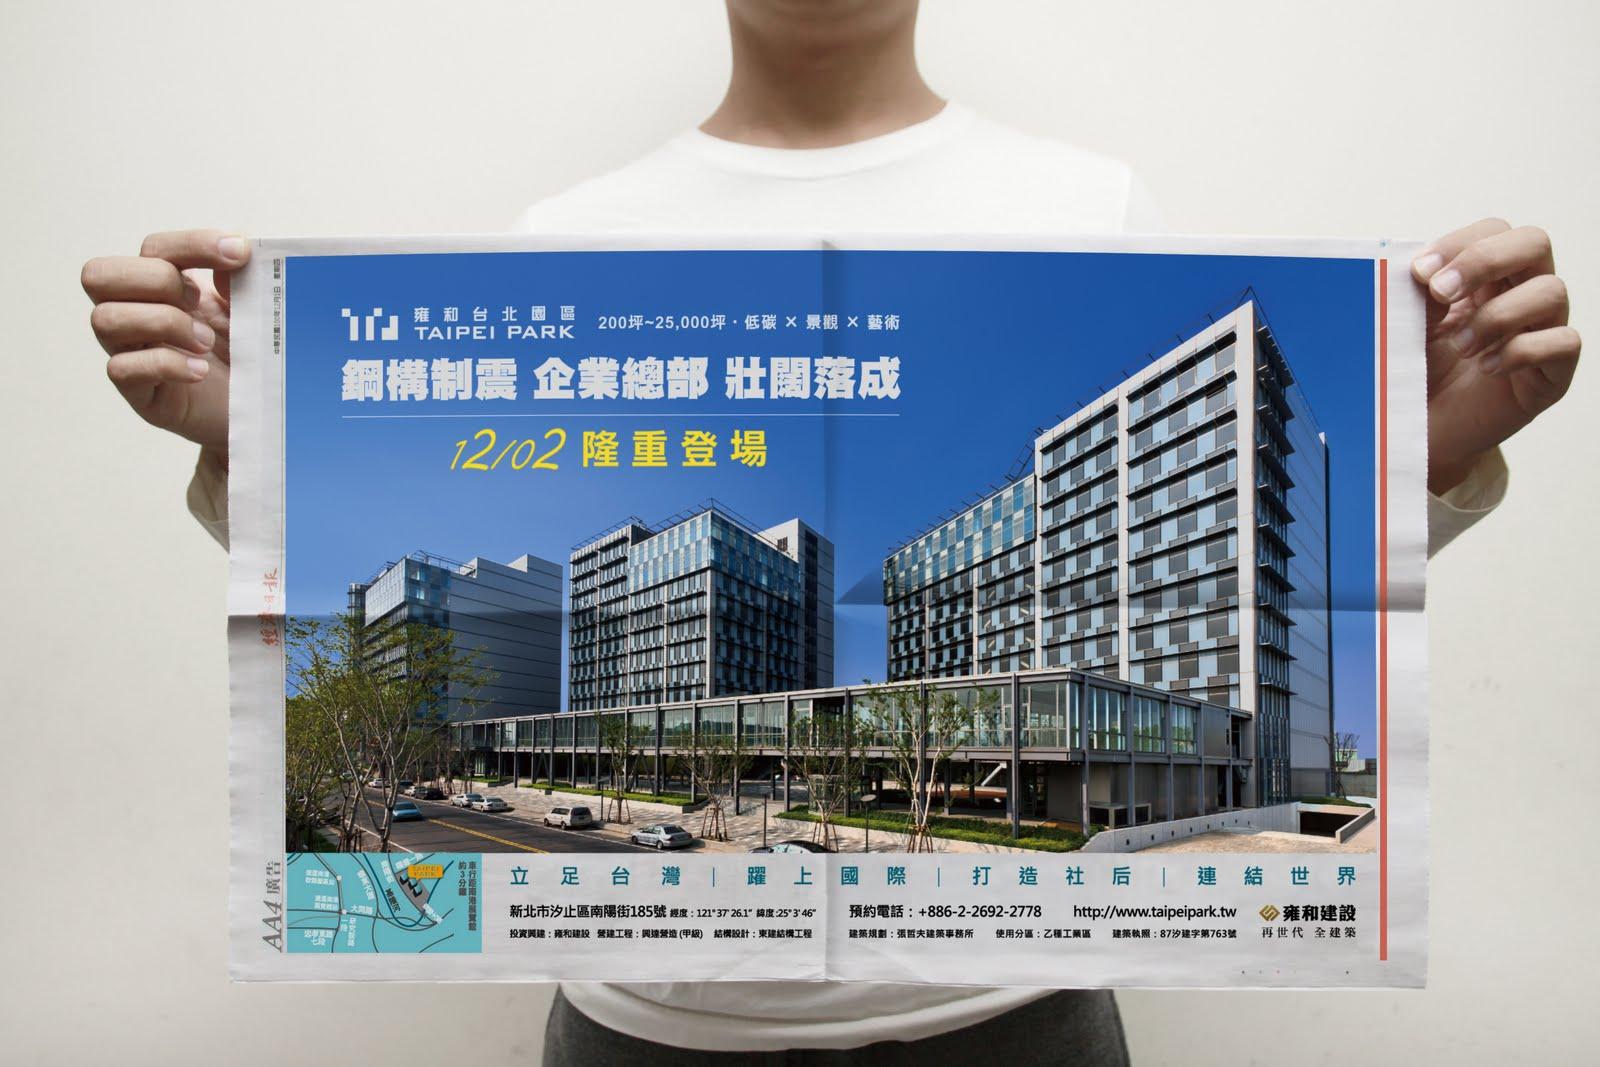 雍和建設報紙廣告設計-12/01經濟日報 by MUMULab.com